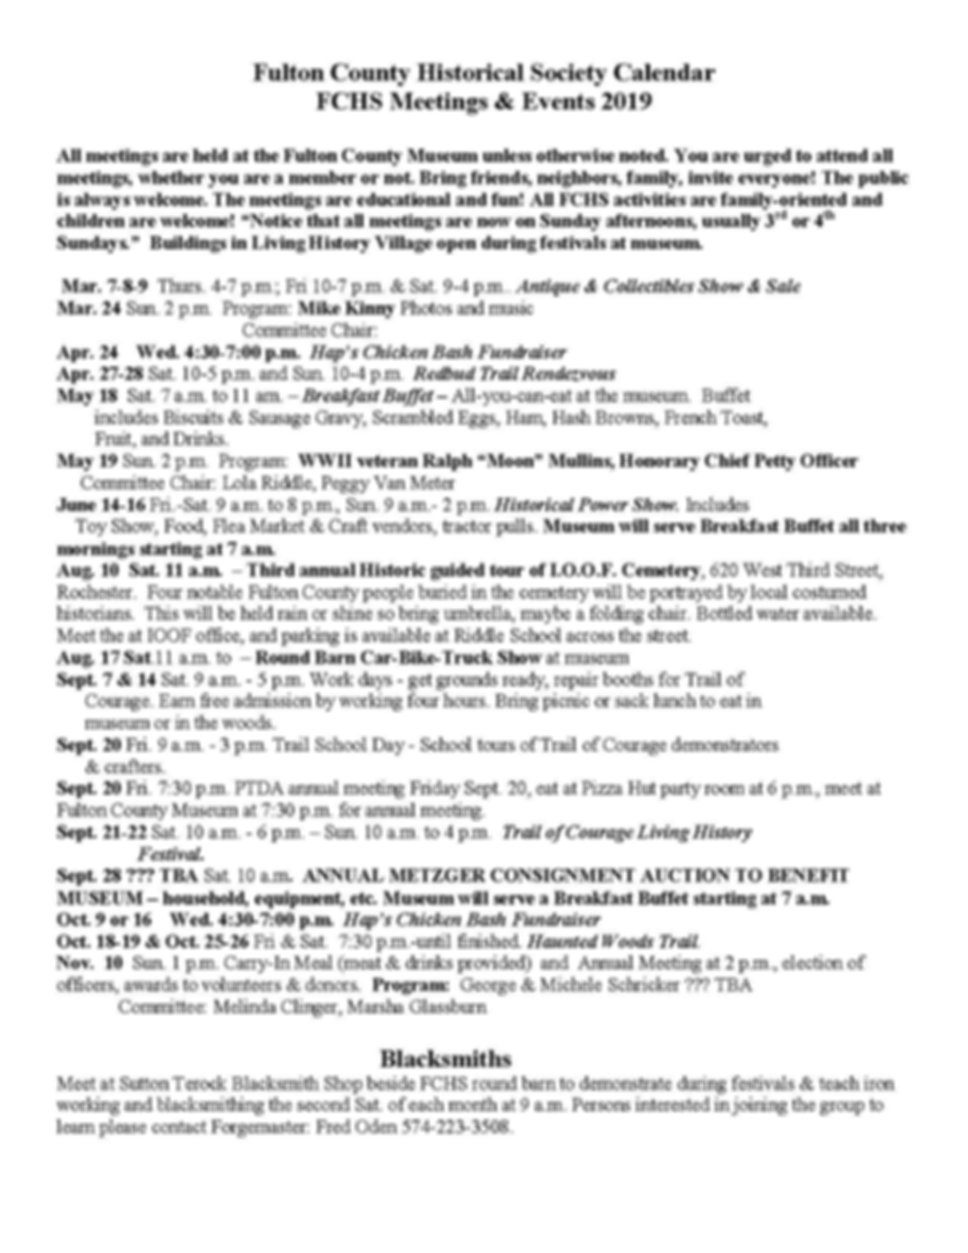 2019 FCHS Events Schedule_Page_1.jpg